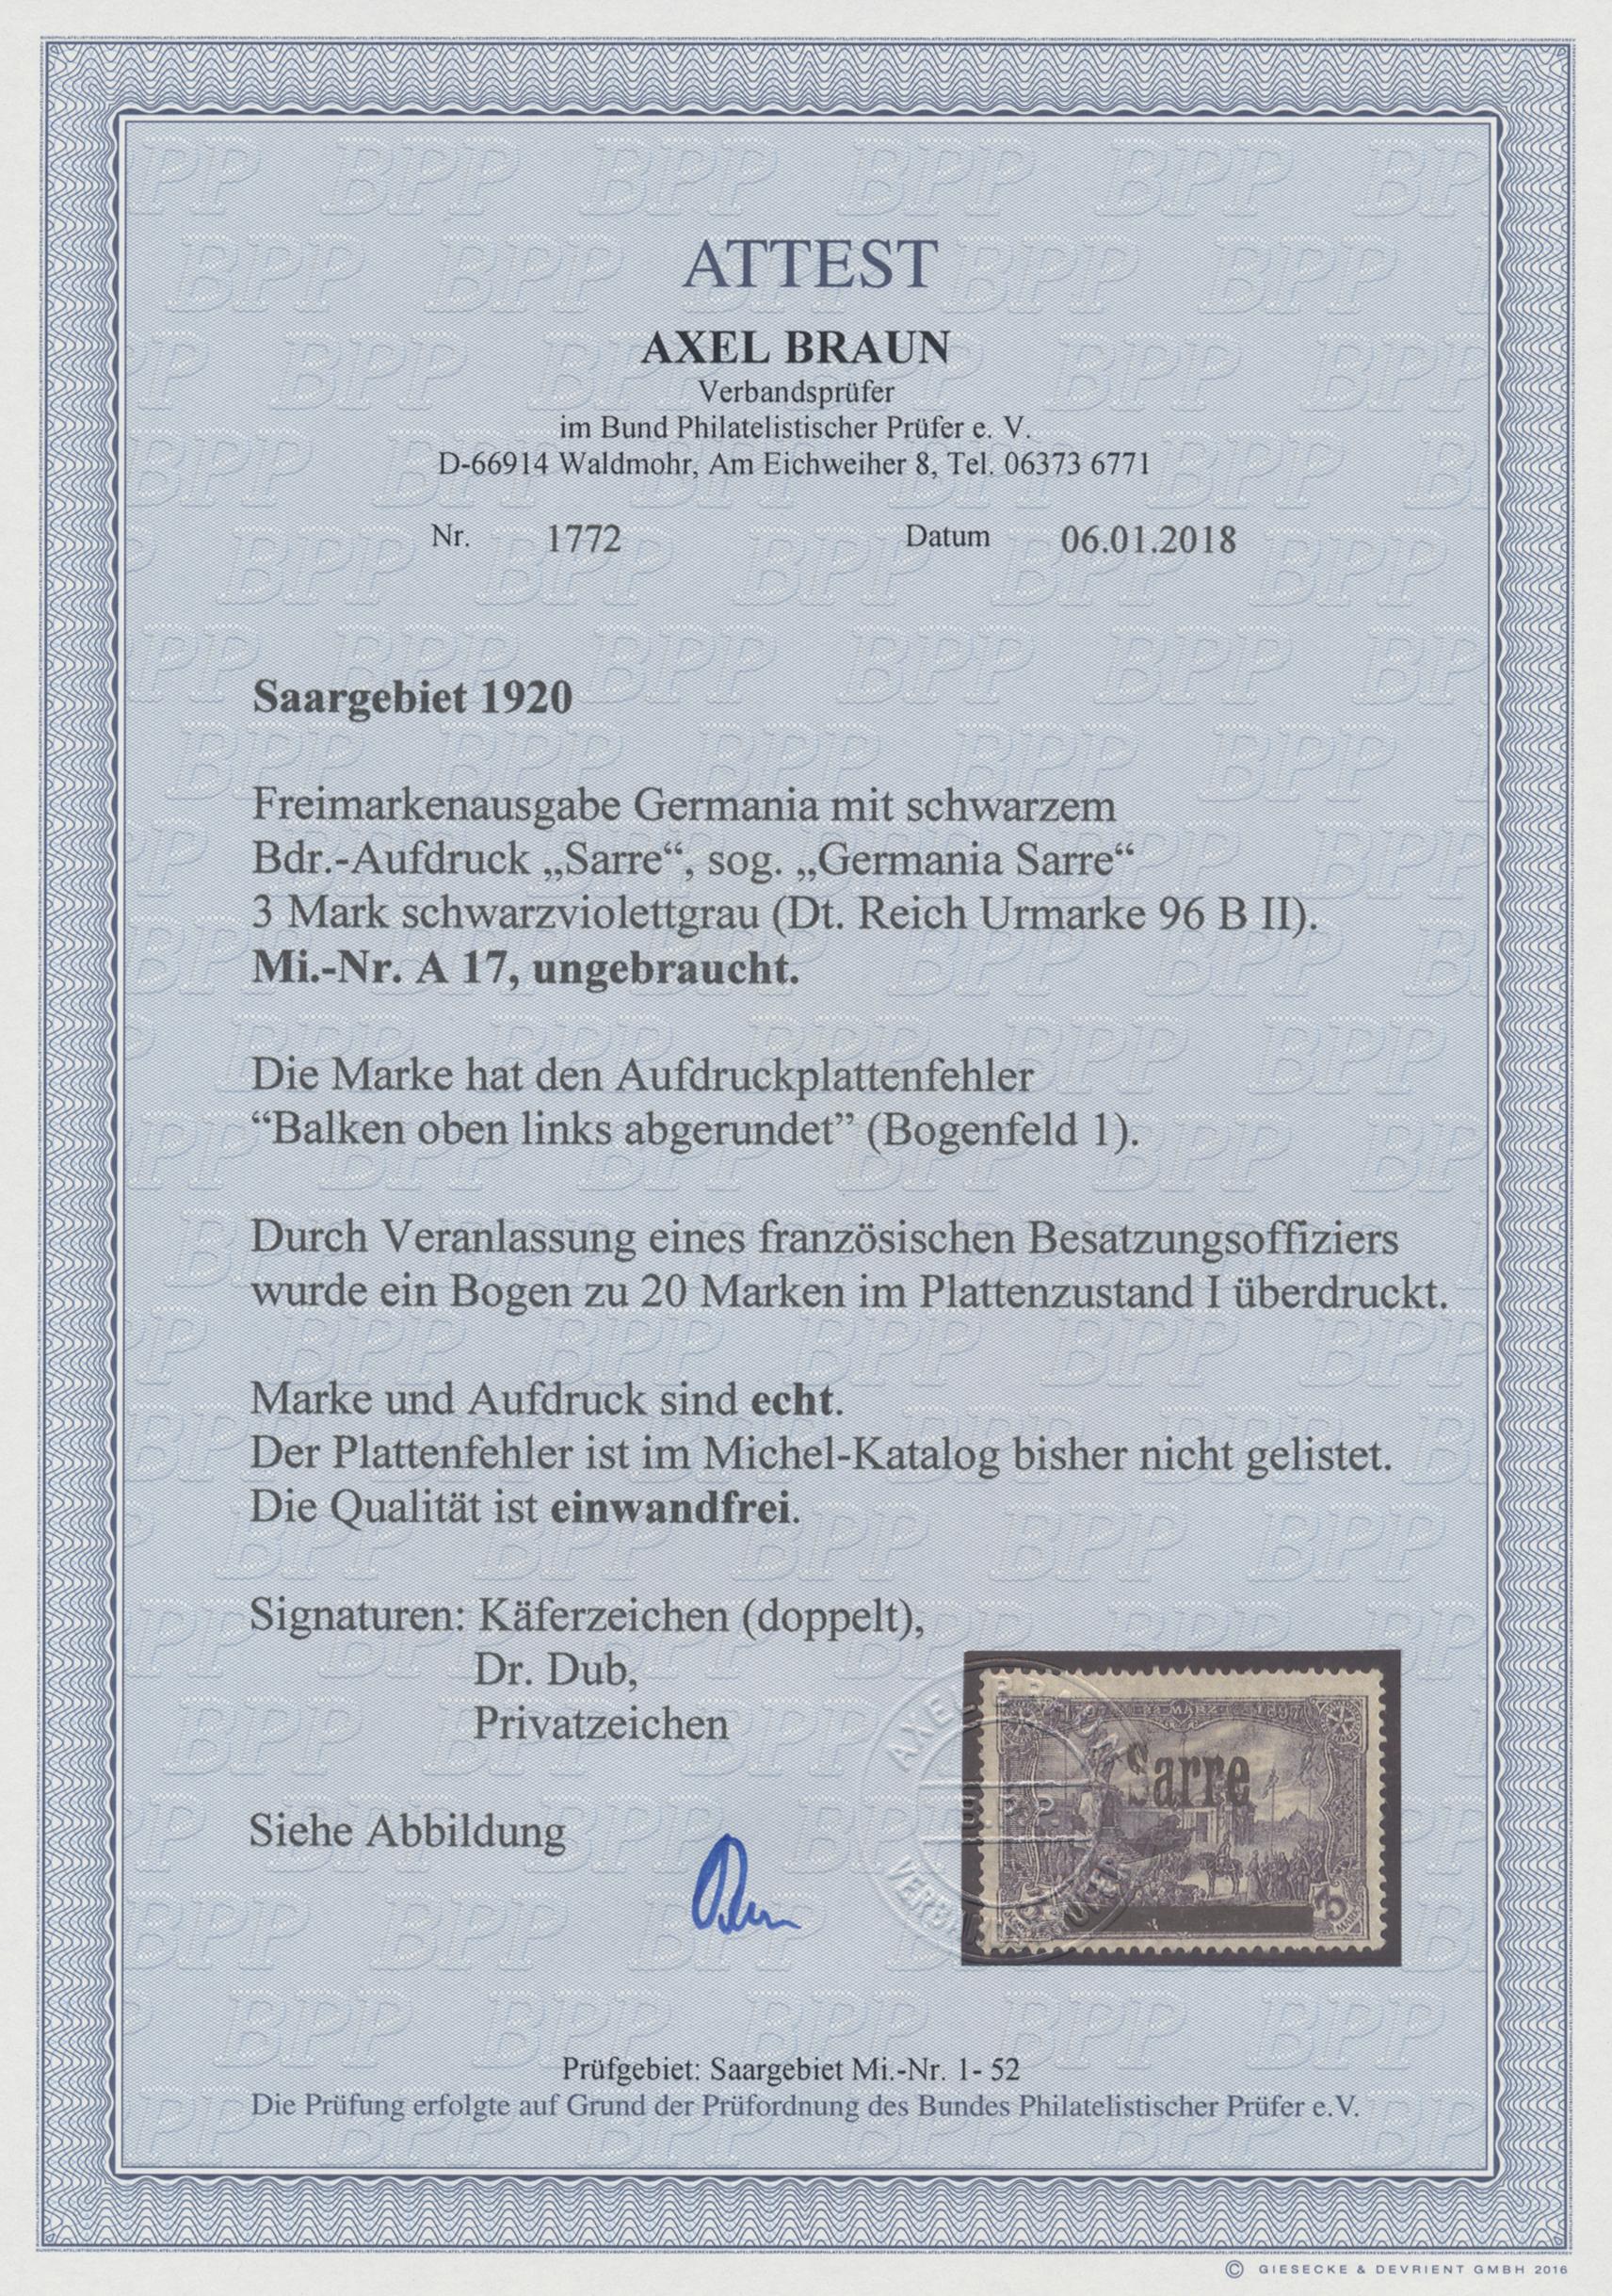 Lot 00721 - Deutsche Abstimmungsgebiete: Saargebiet  -  Auktionshaus Christoph Gärtner GmbH & Co. KG 50th Auction Anniversary Auction - Day 8